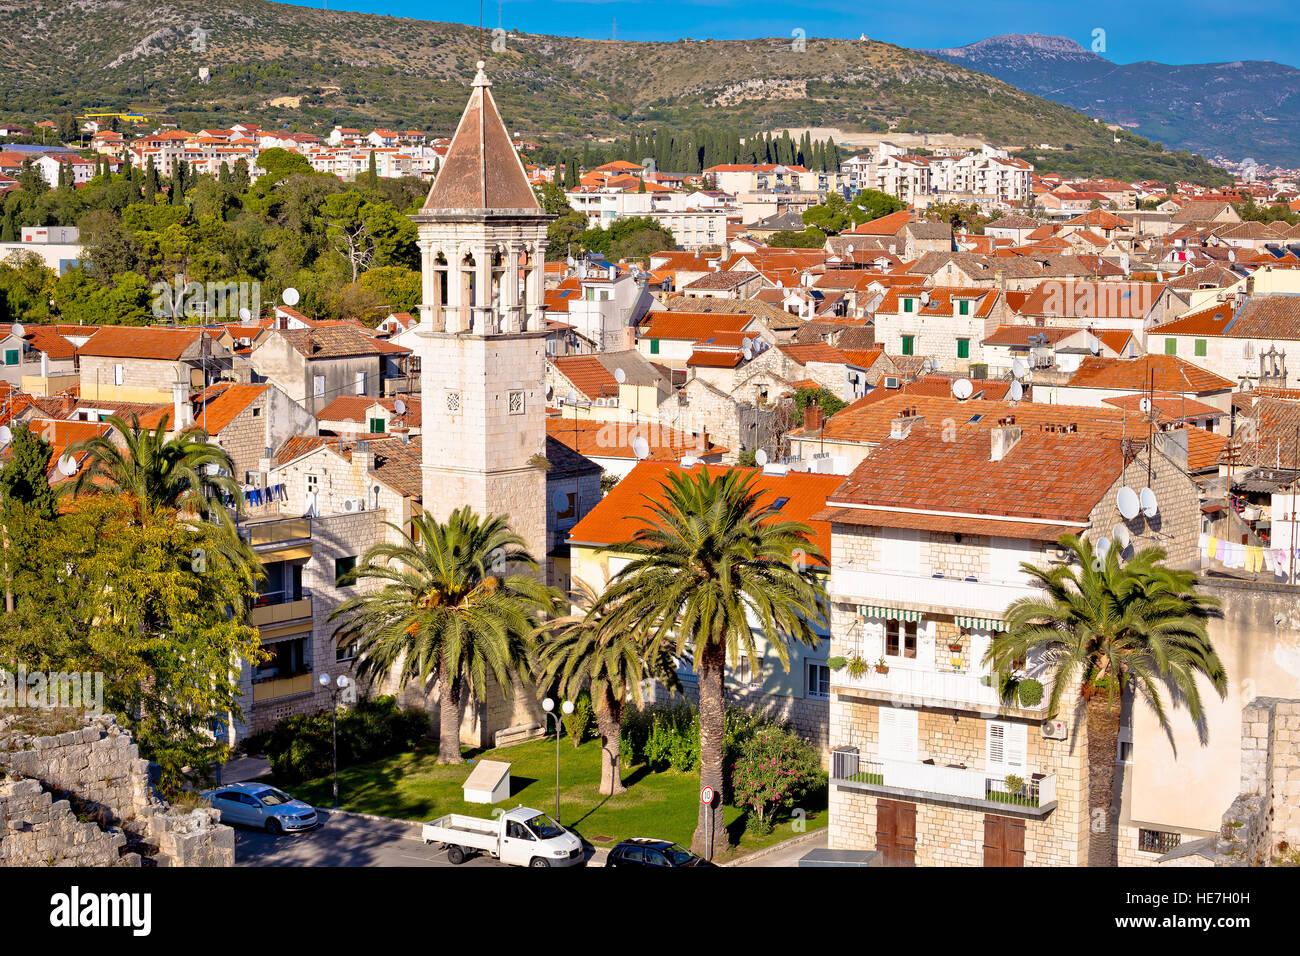 Città storica di Trgogir vista sui tetti, sito UNESCO in Dalmazia, Croazia Immagini Stock